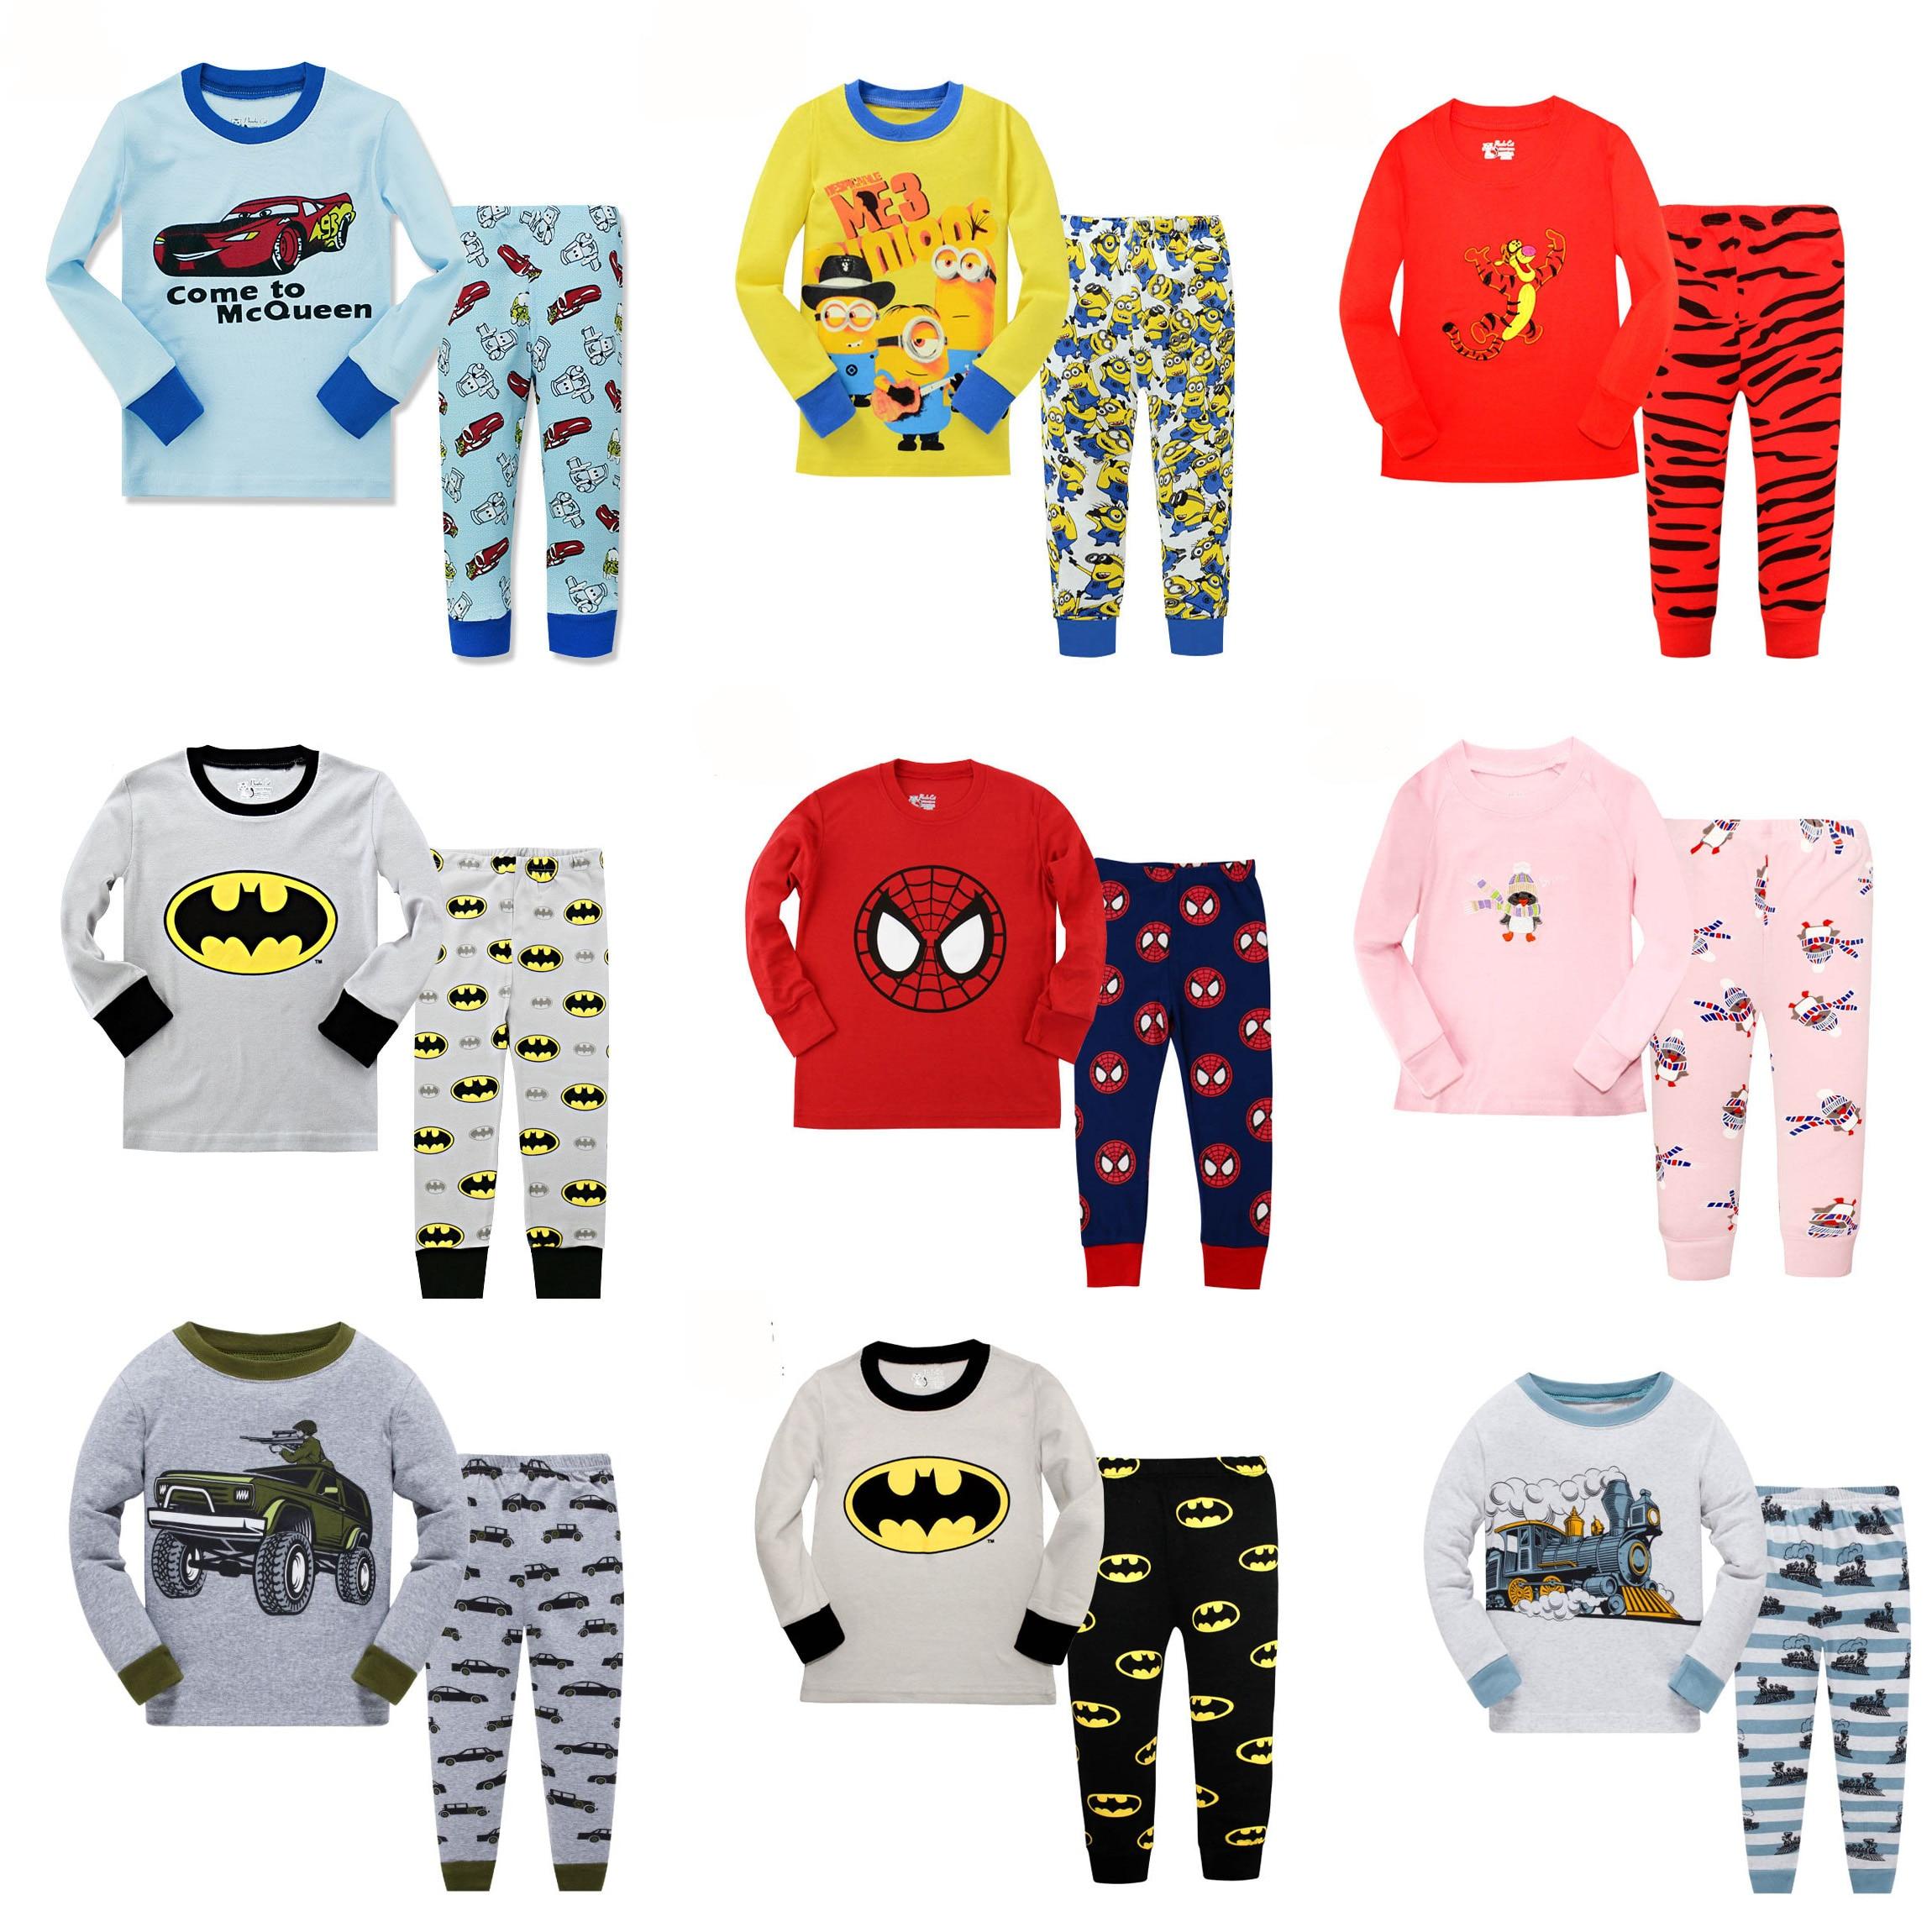 Floret LULU/Детские пижамные комплекты для мальчиков с изображением Человека-паука, хлопковая детская пижама с машинками для маленьких детей, домашняя одежда для девочек на Рождество